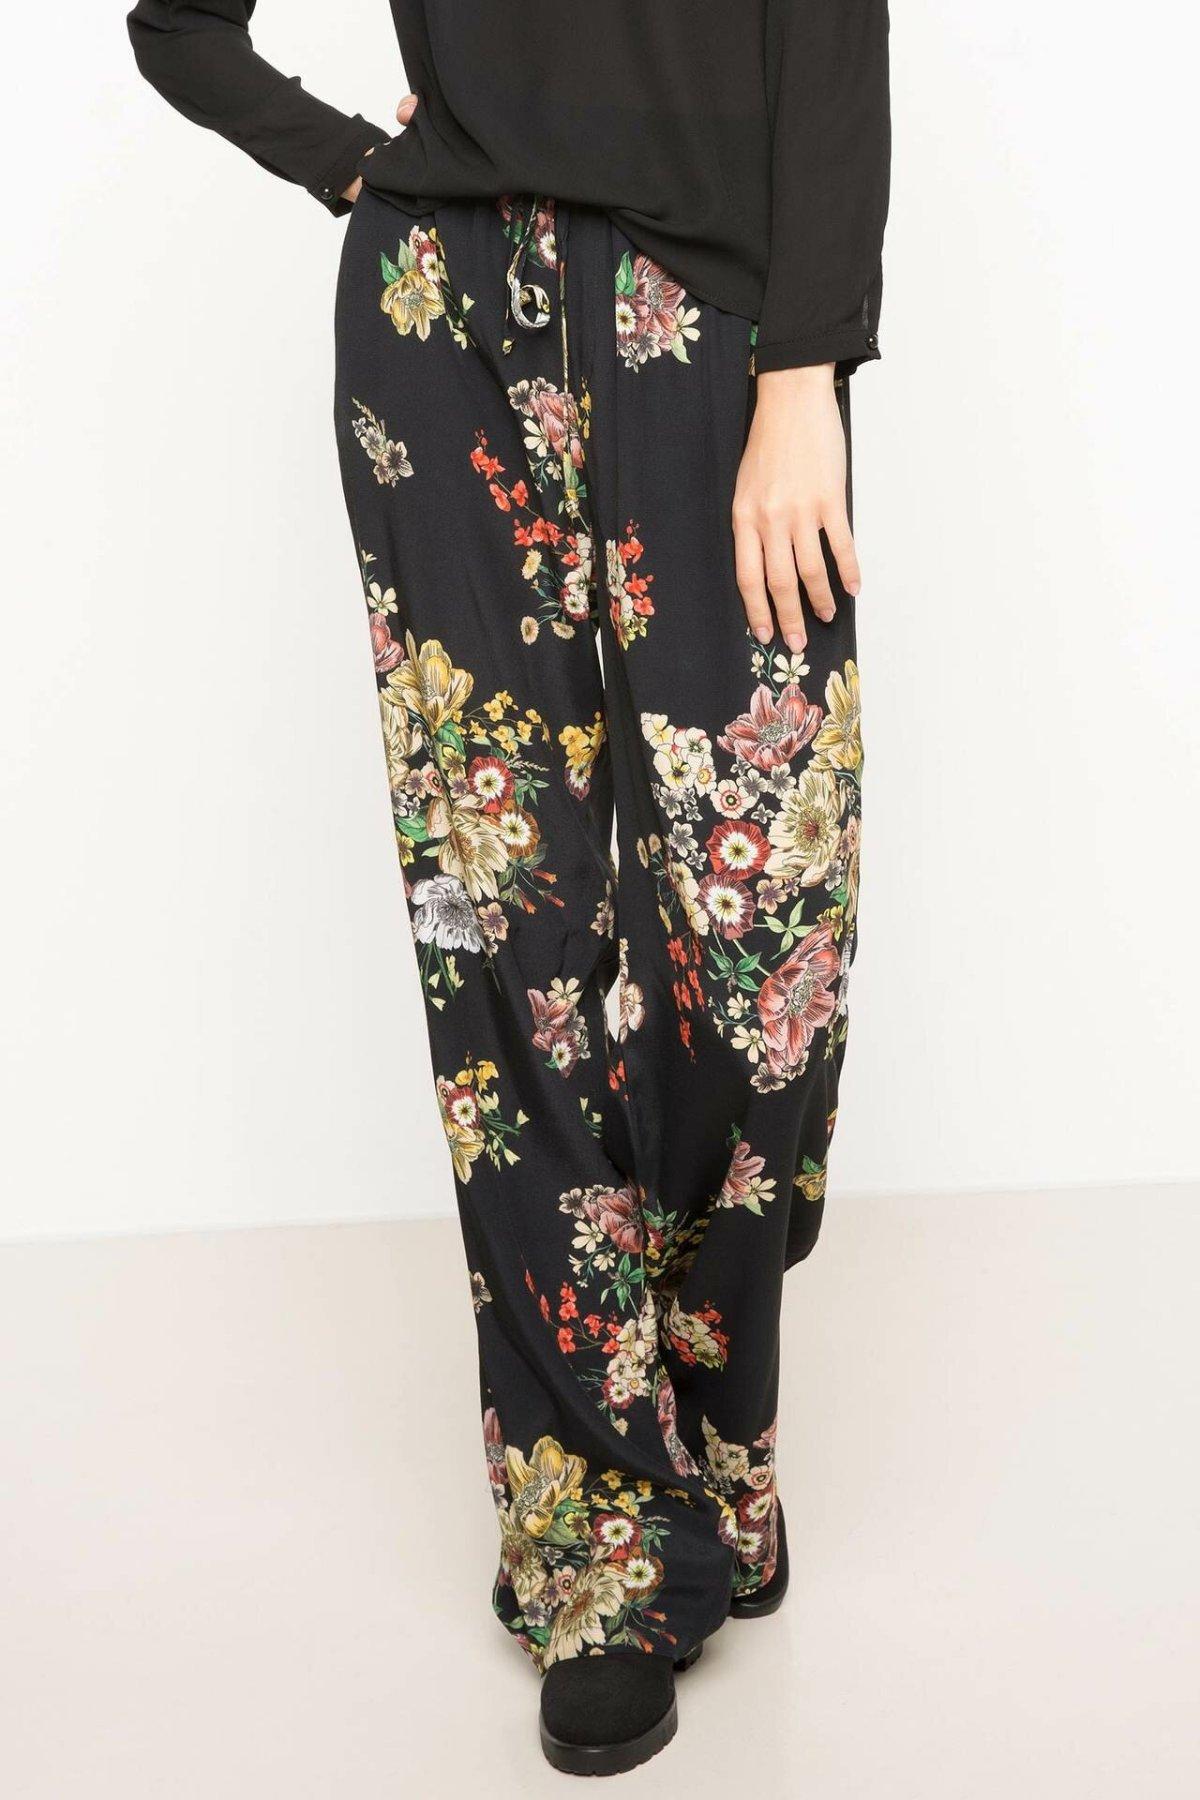 DeFacto Woman Trousers Floral Prints Black Loose Pants Women Casual Wide-leg Bottoms Adjustable High Waist Pants-H7828AZ17AU